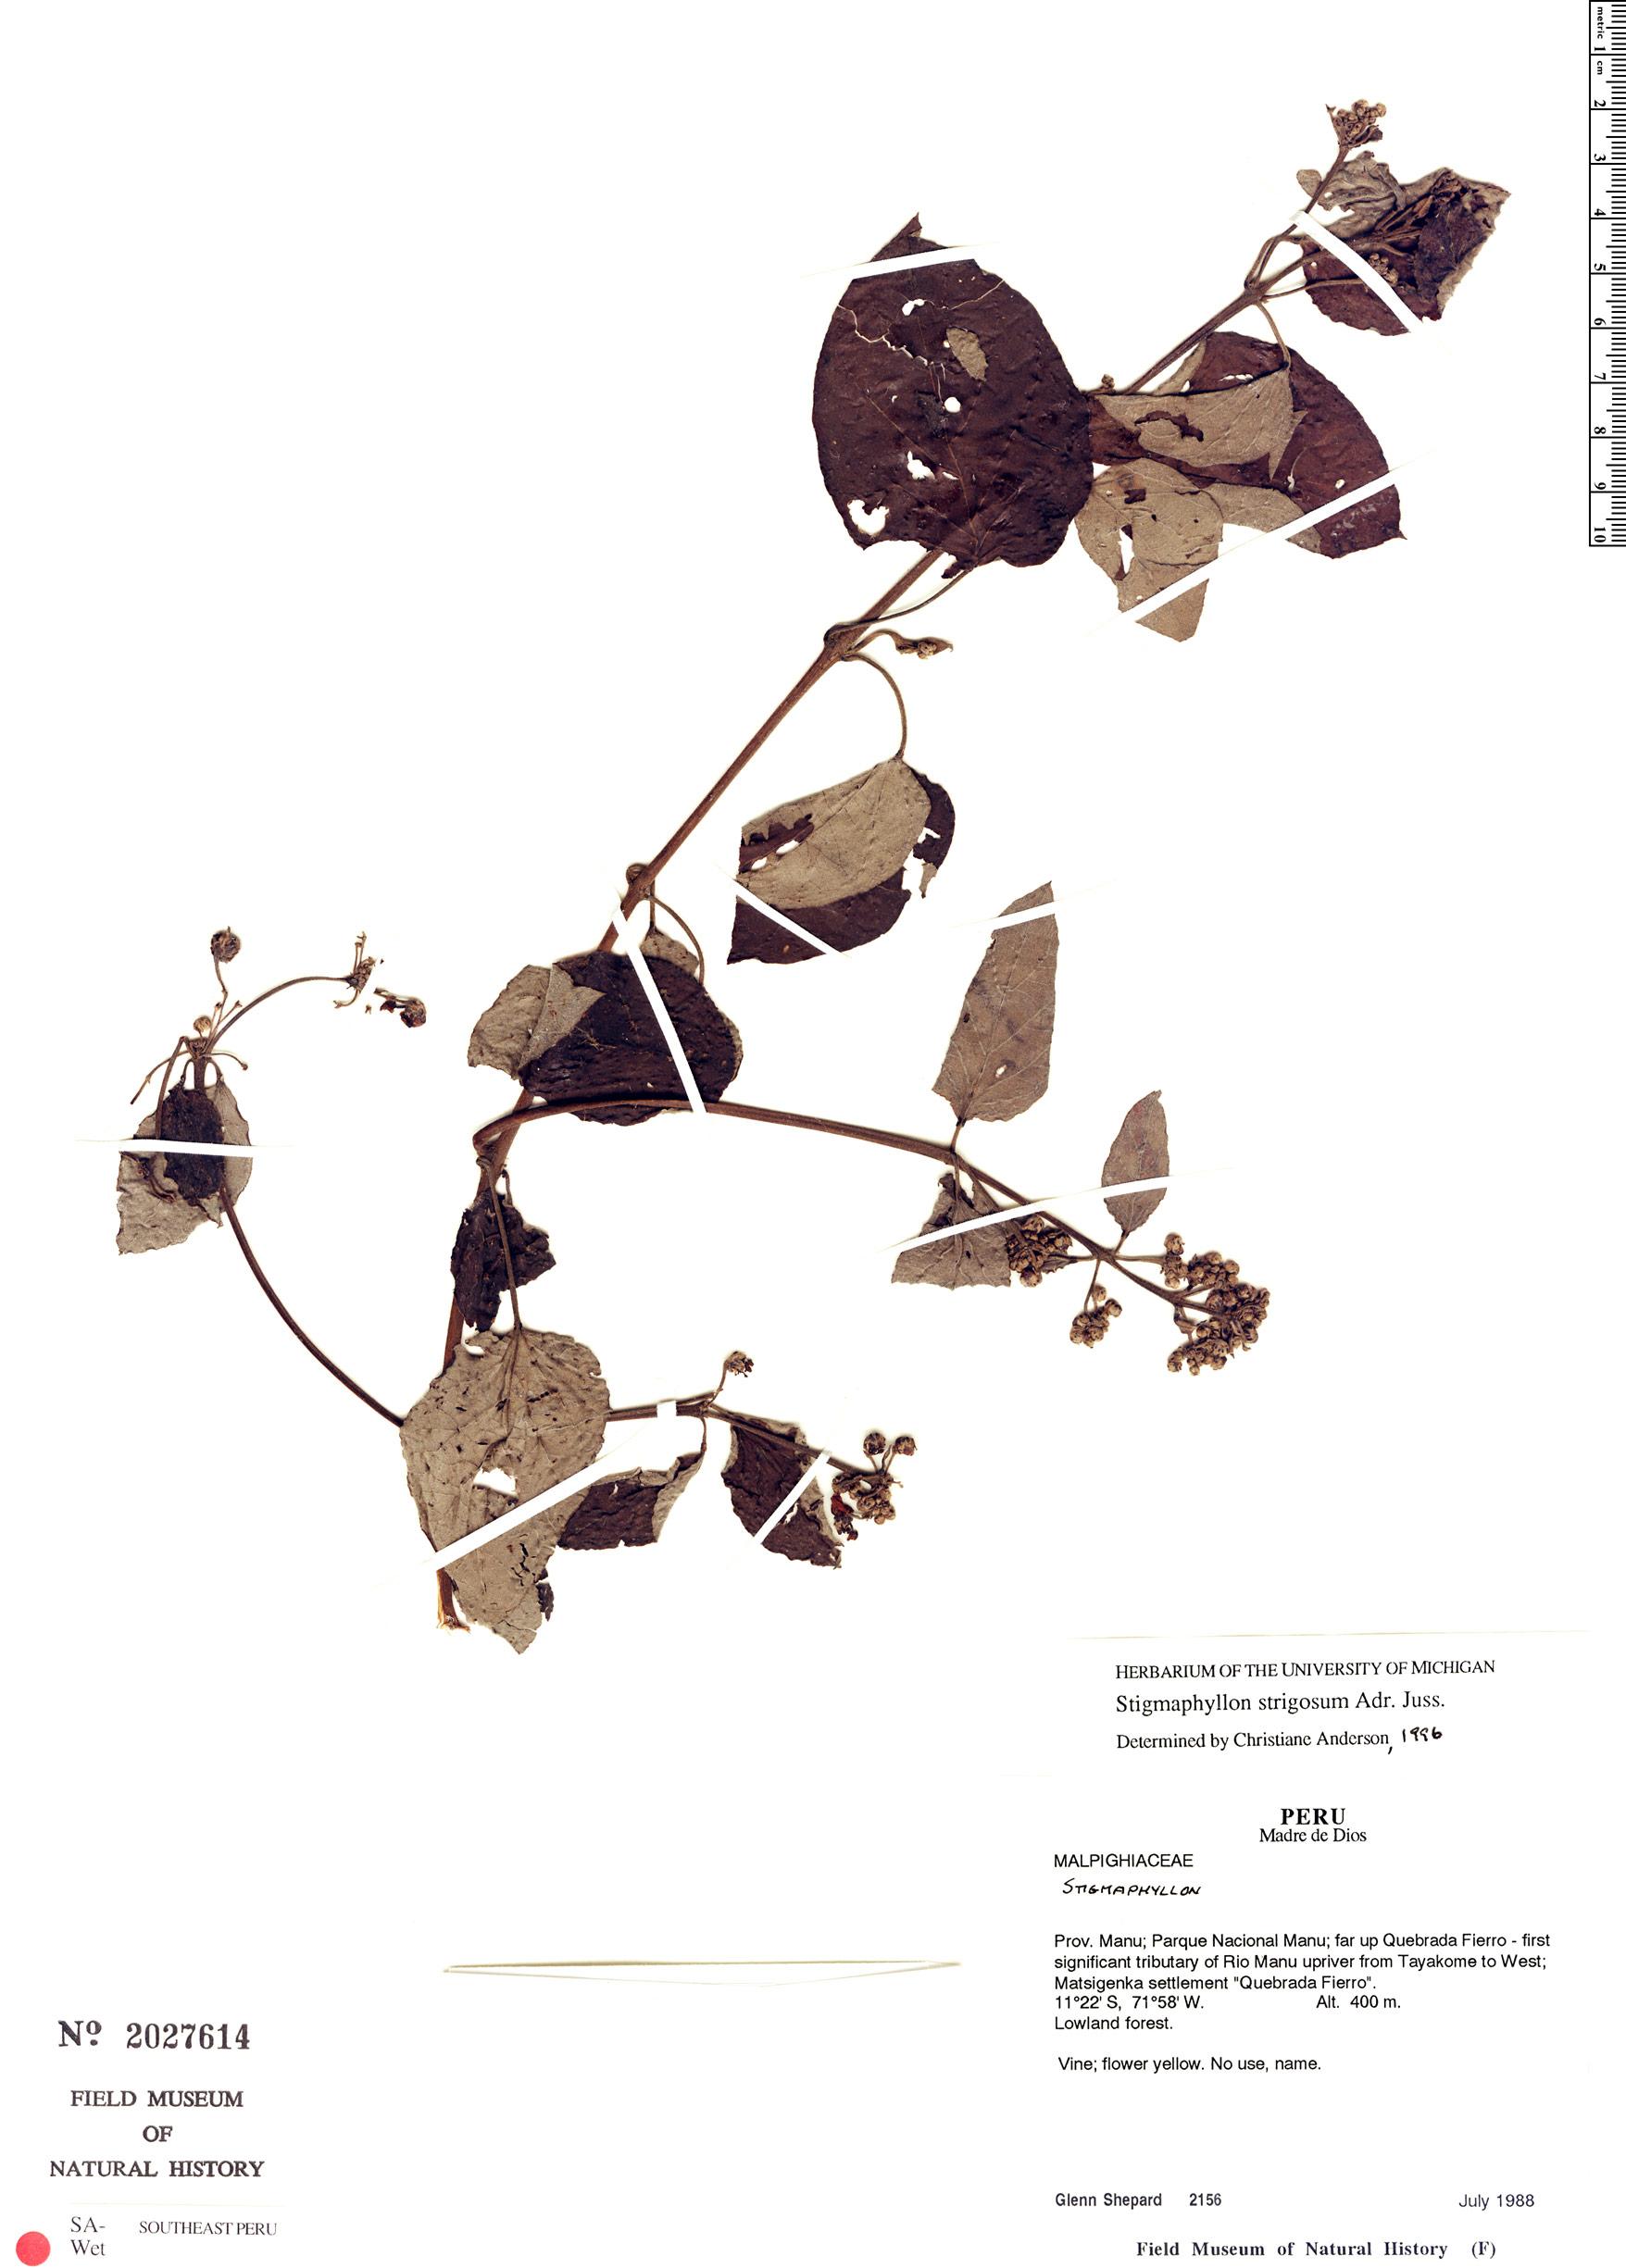 Specimen: Stigmaphyllon strigosum